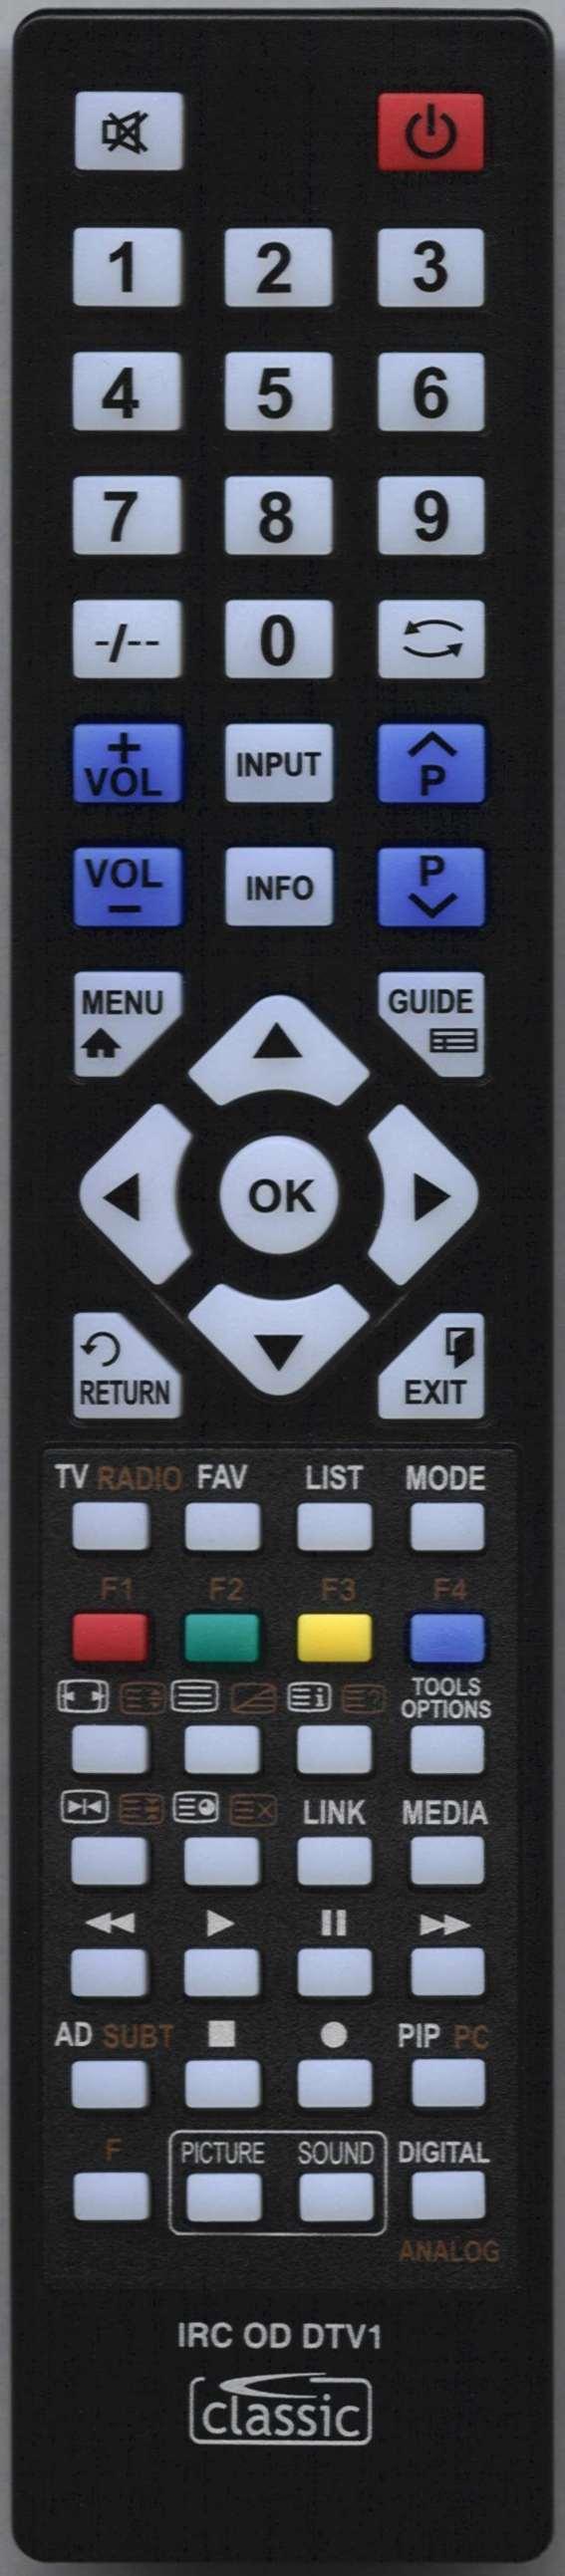 Cello C 2673F Remote Control